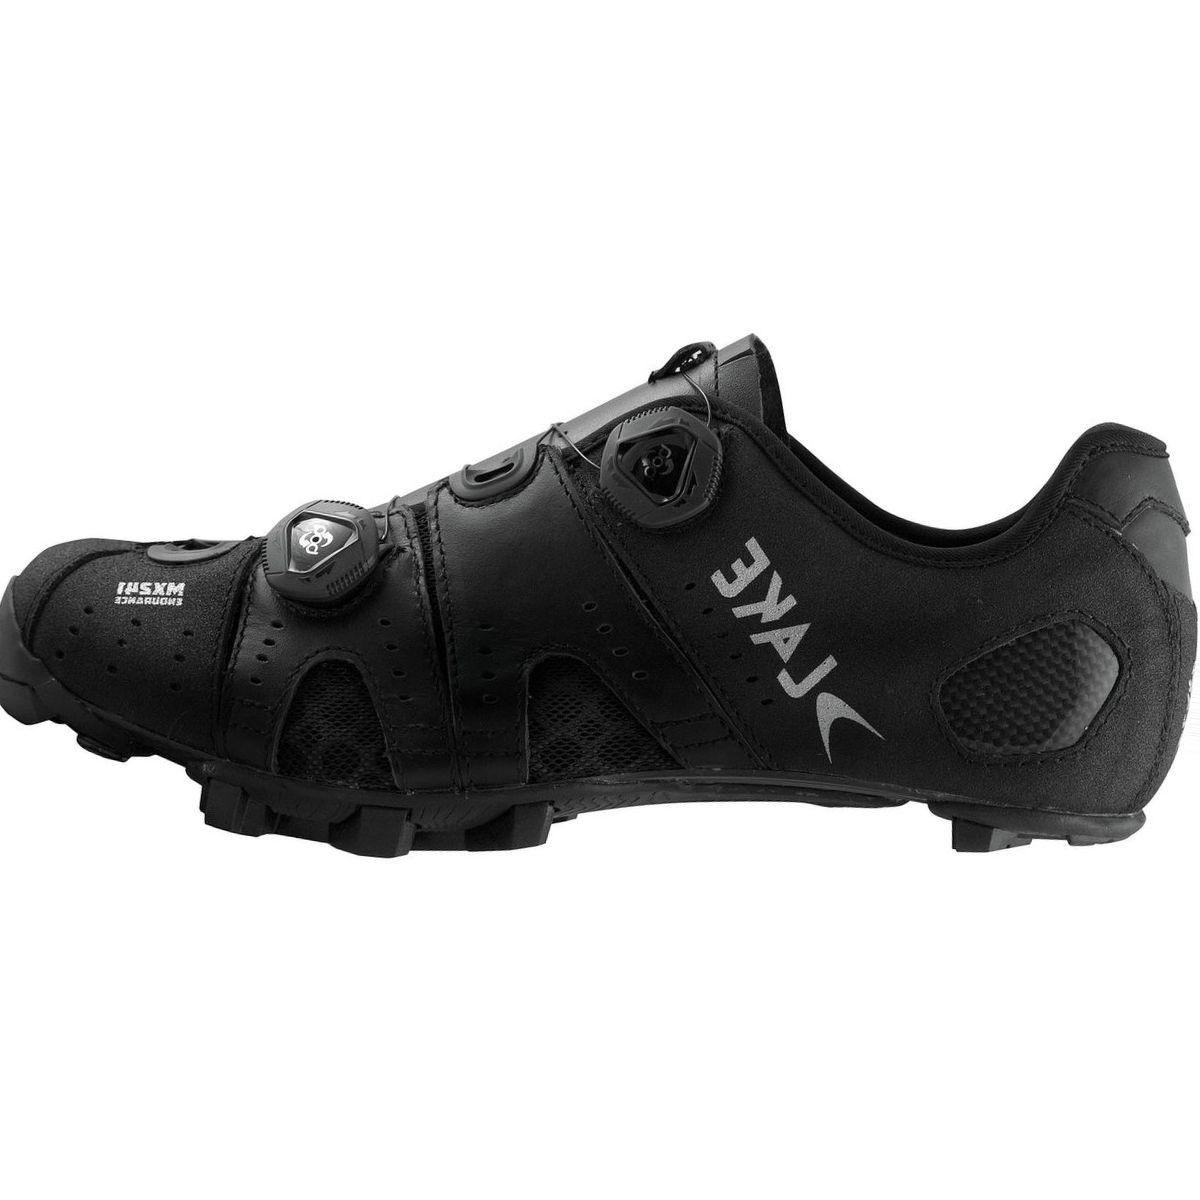 Lake MX241 Endurance Cycling Shoe - Men's